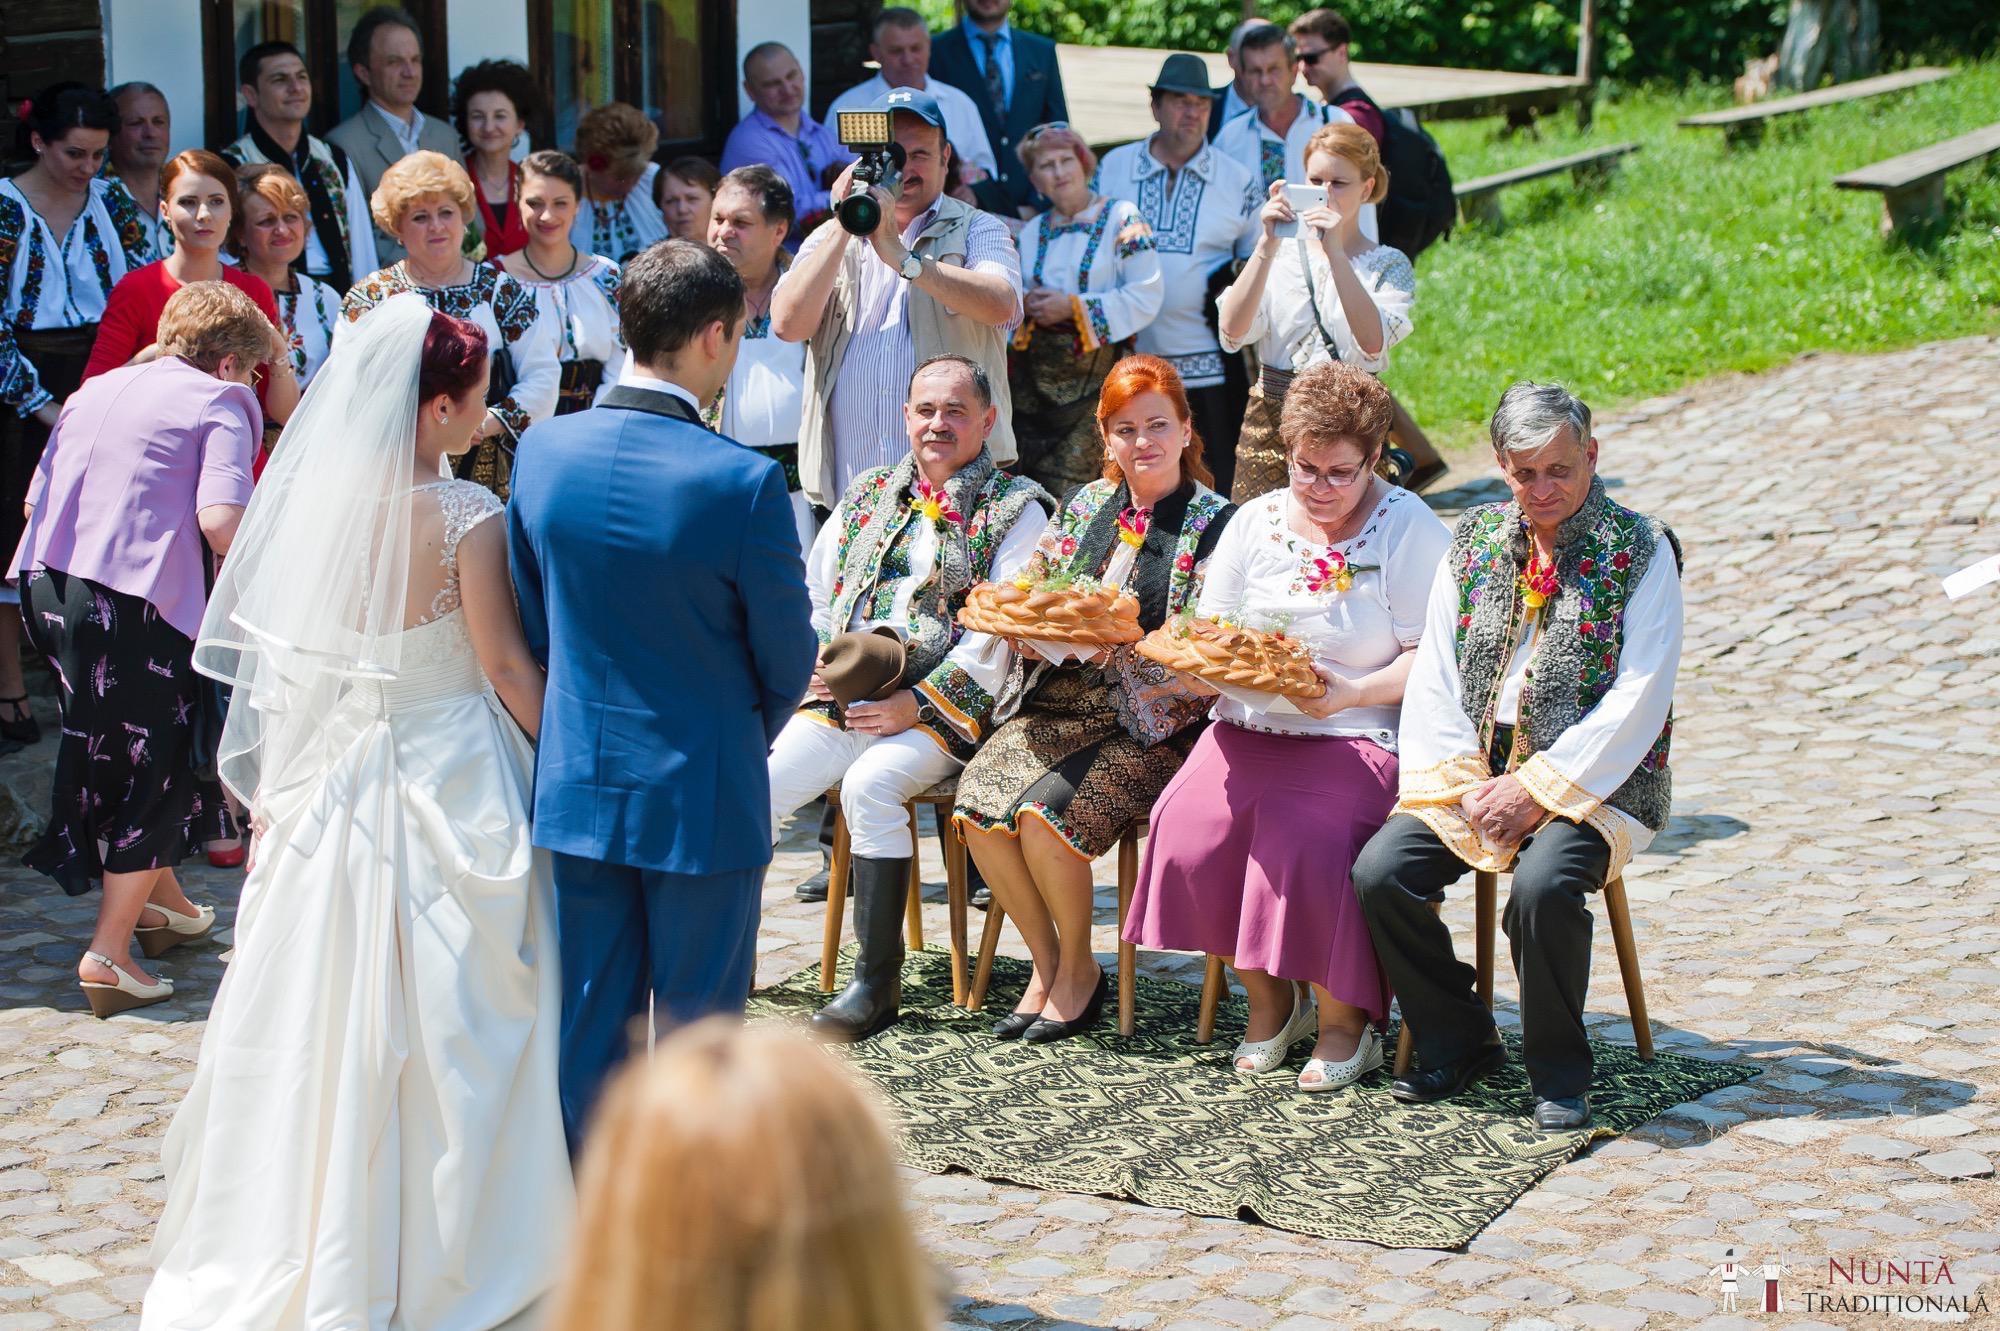 Povești Nunți Tradiționale - Gabriela și Mădălin - Nuntă Tradițională în Suceava, Bucovina 77